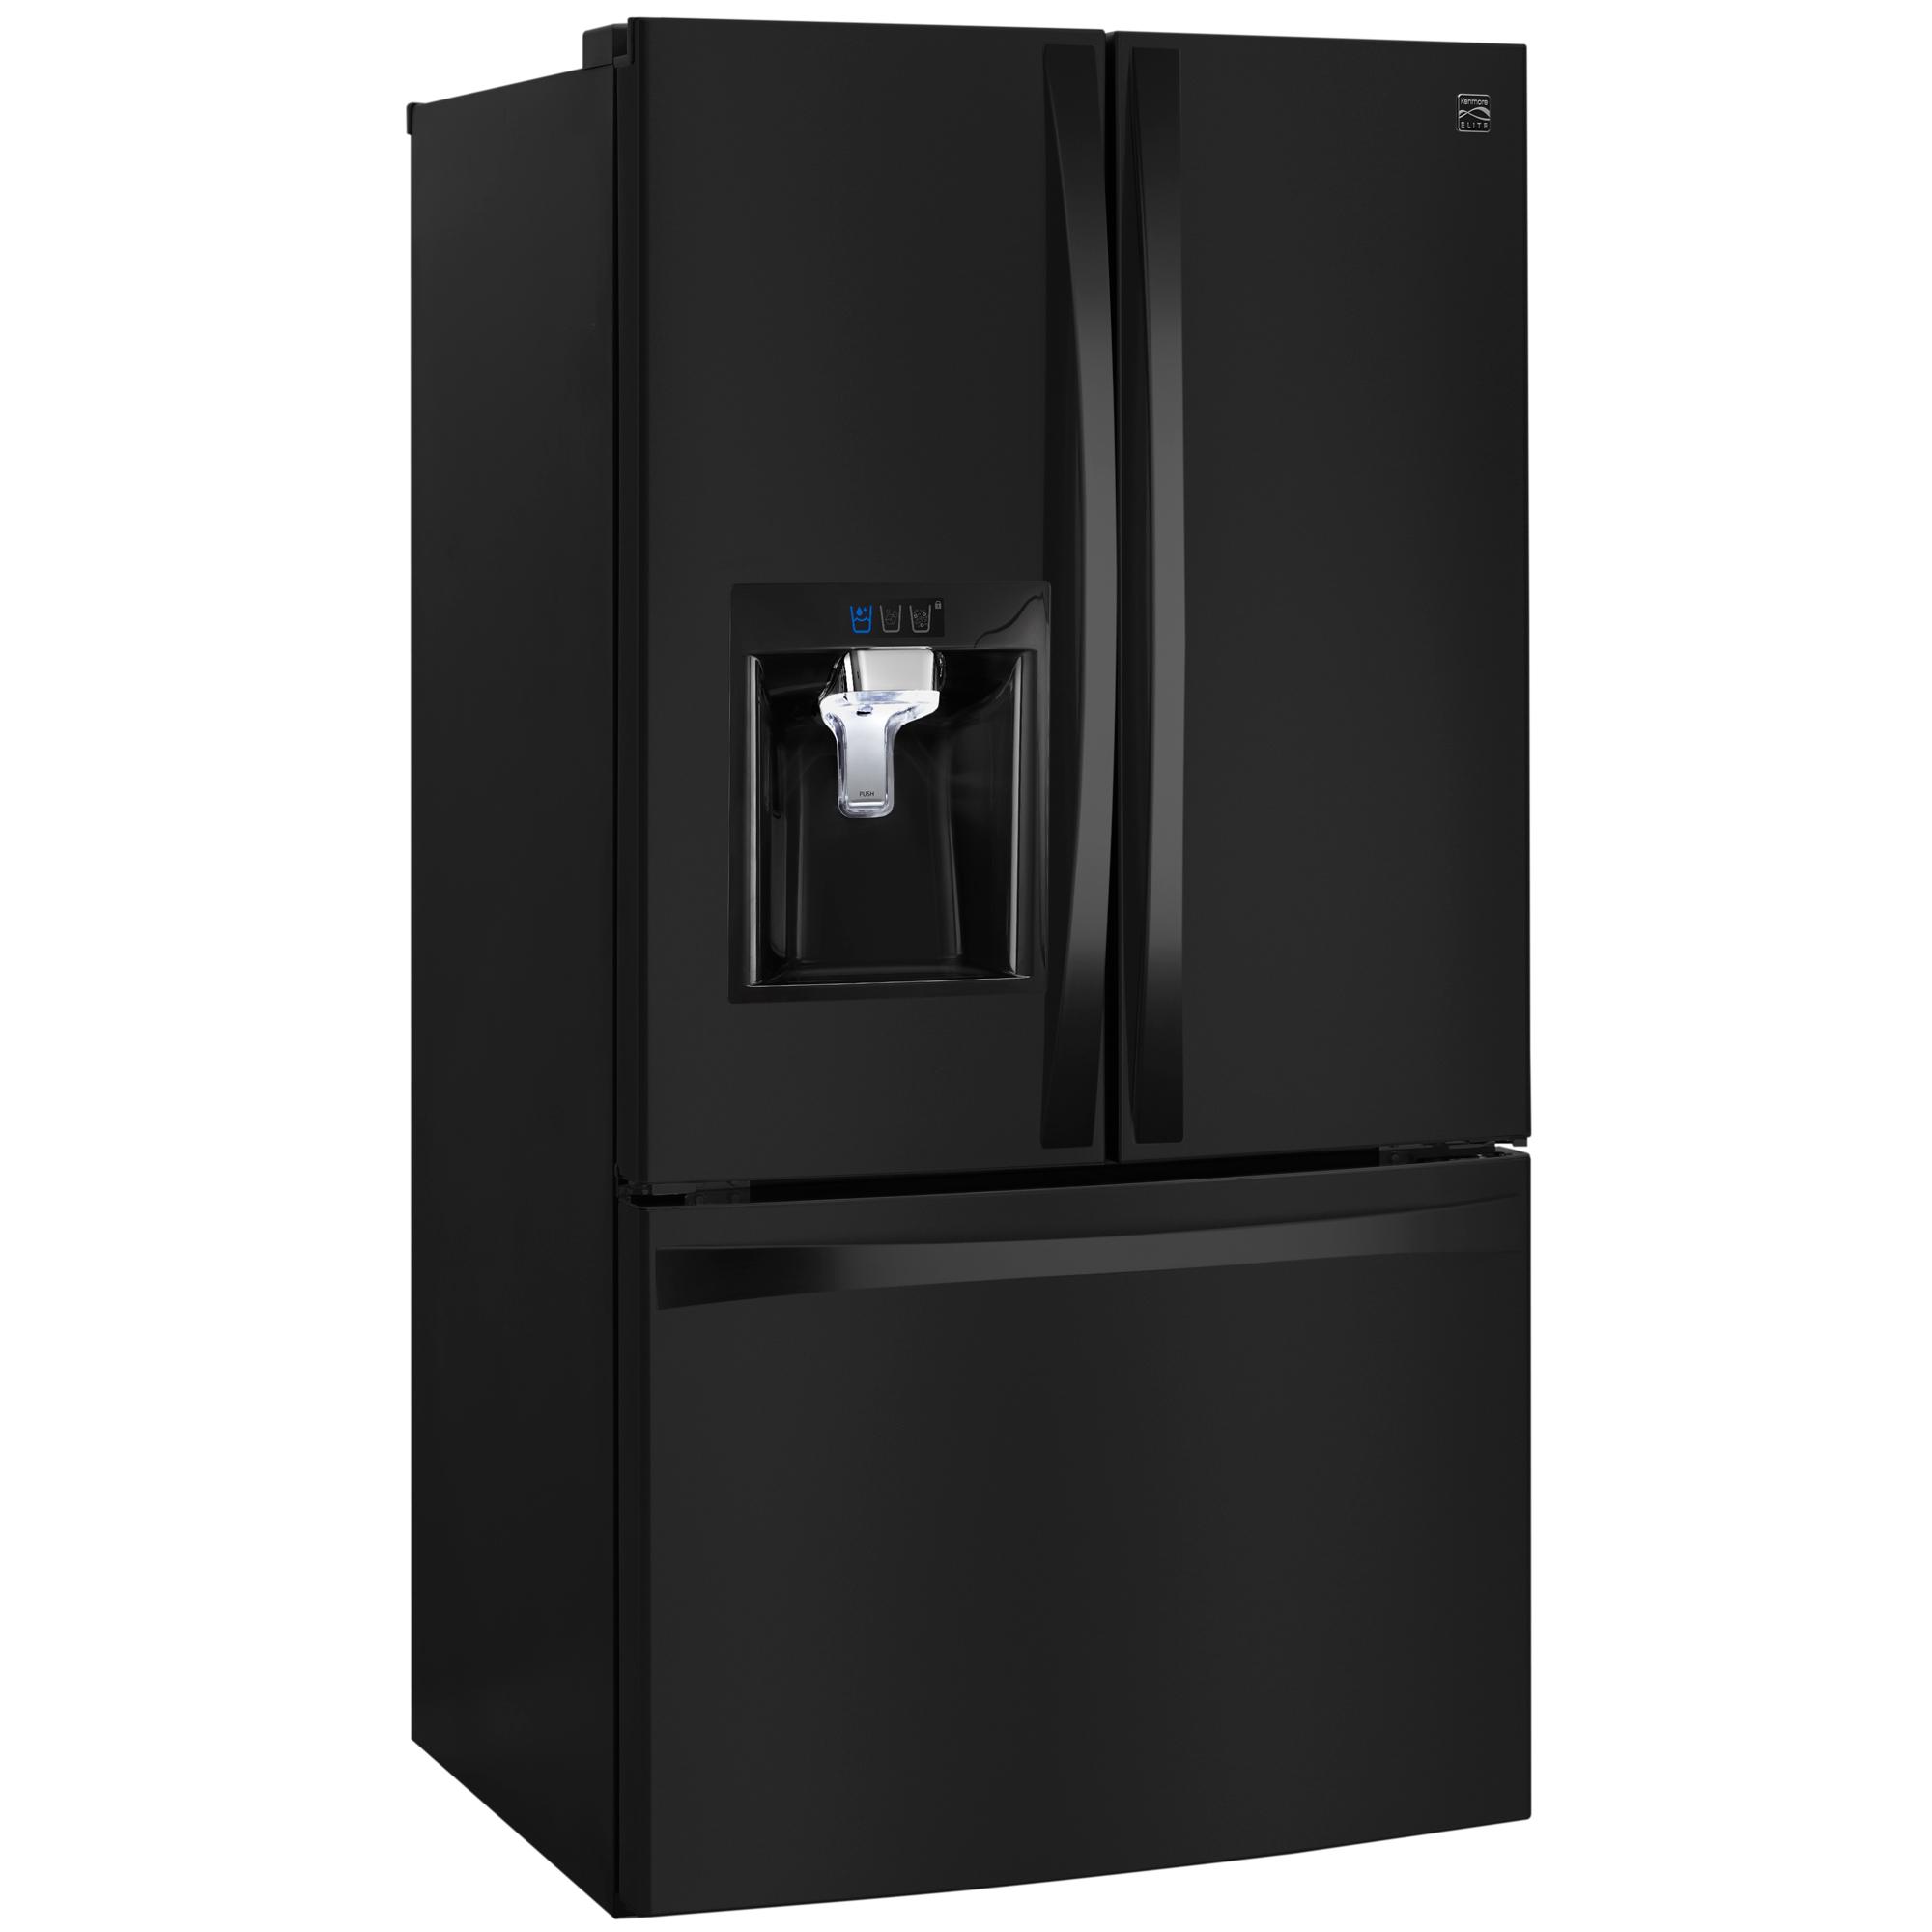 Kenmore Elite 74099 31.7 cu.ft. Super Capacity French Door Bottom-Freezer Refrigerator